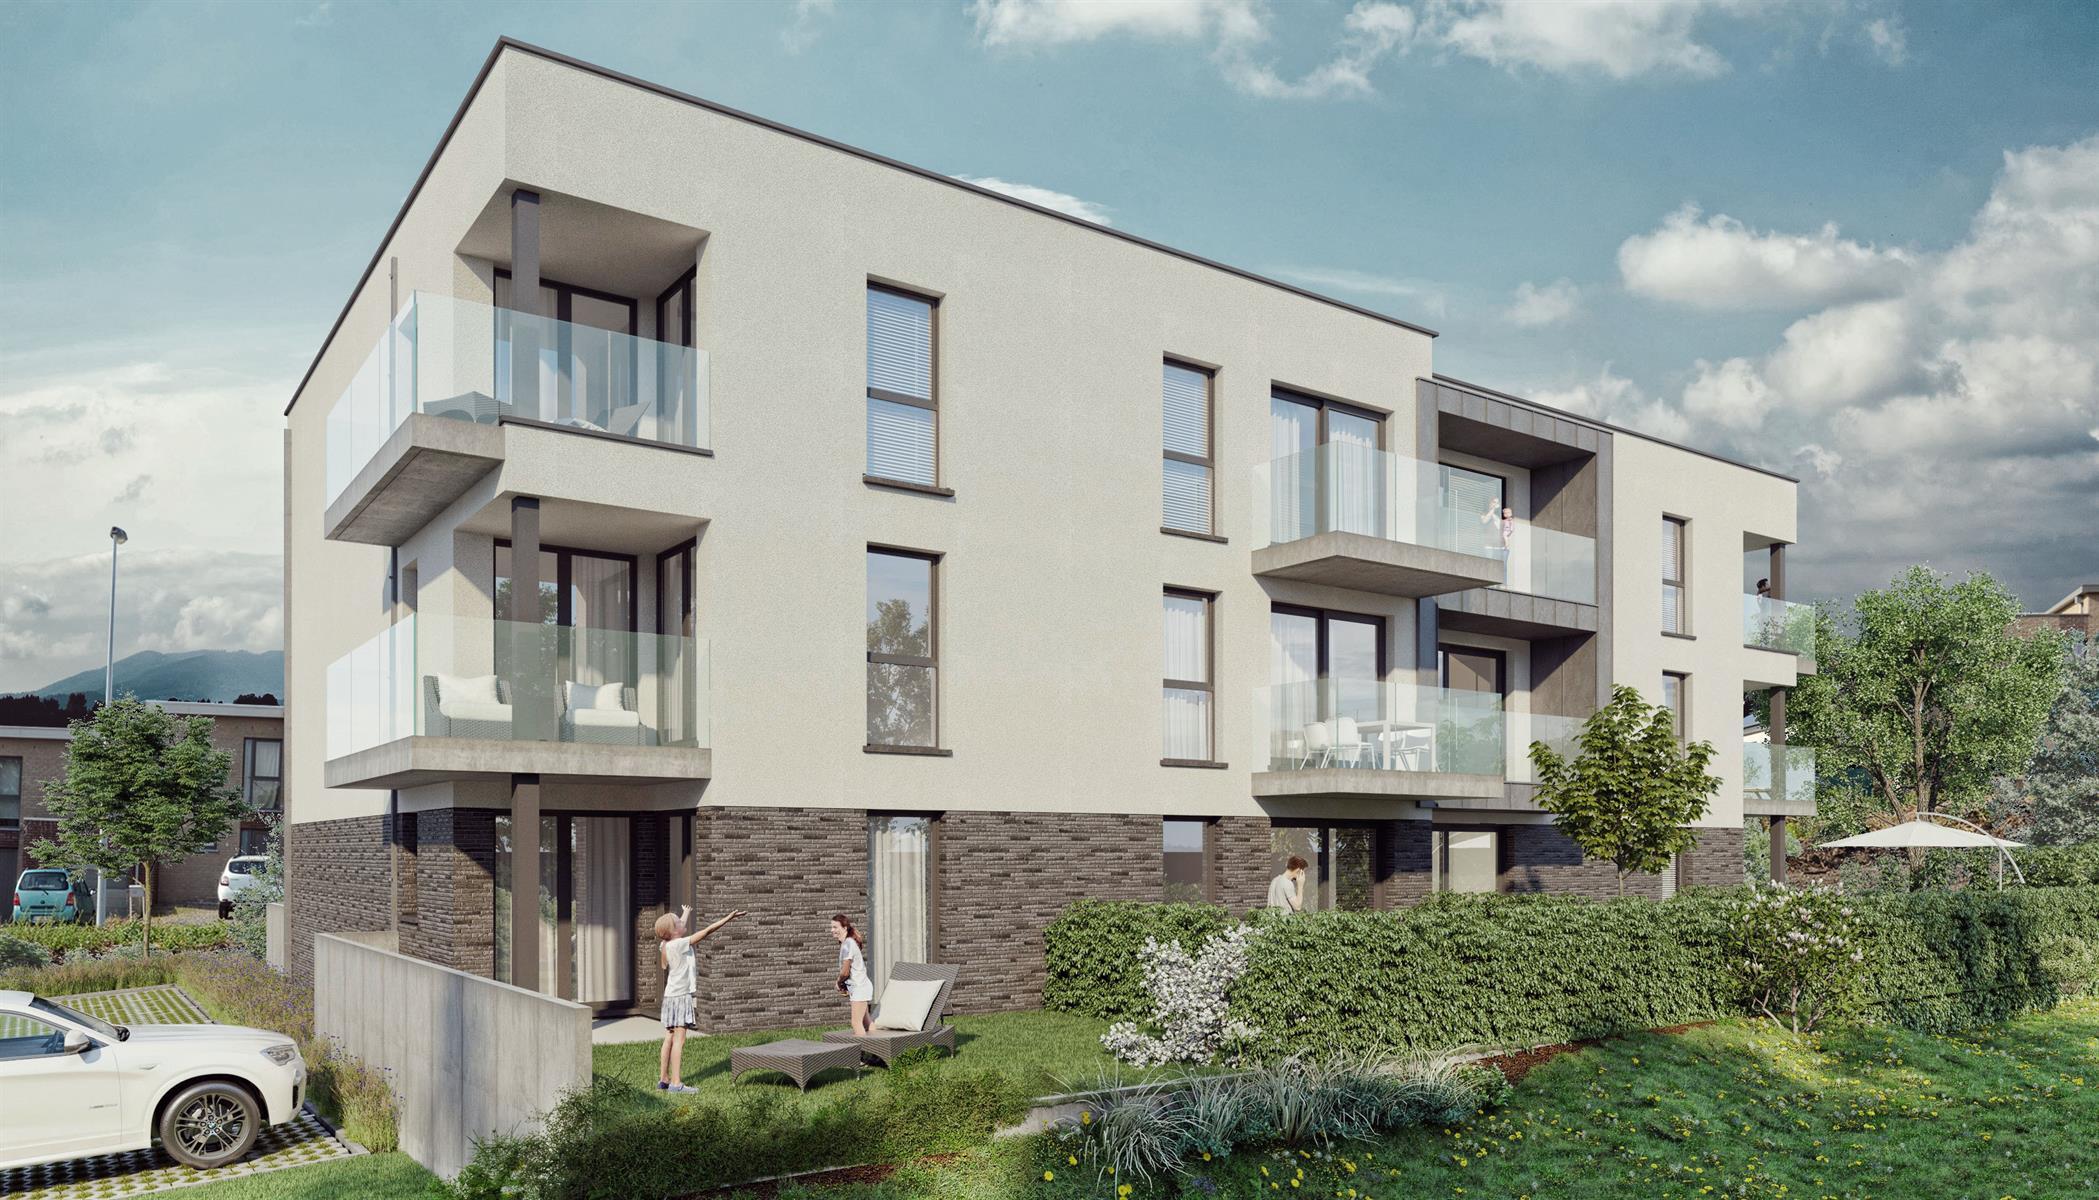 Ground floor with garden - Flemalle - #4197040-42